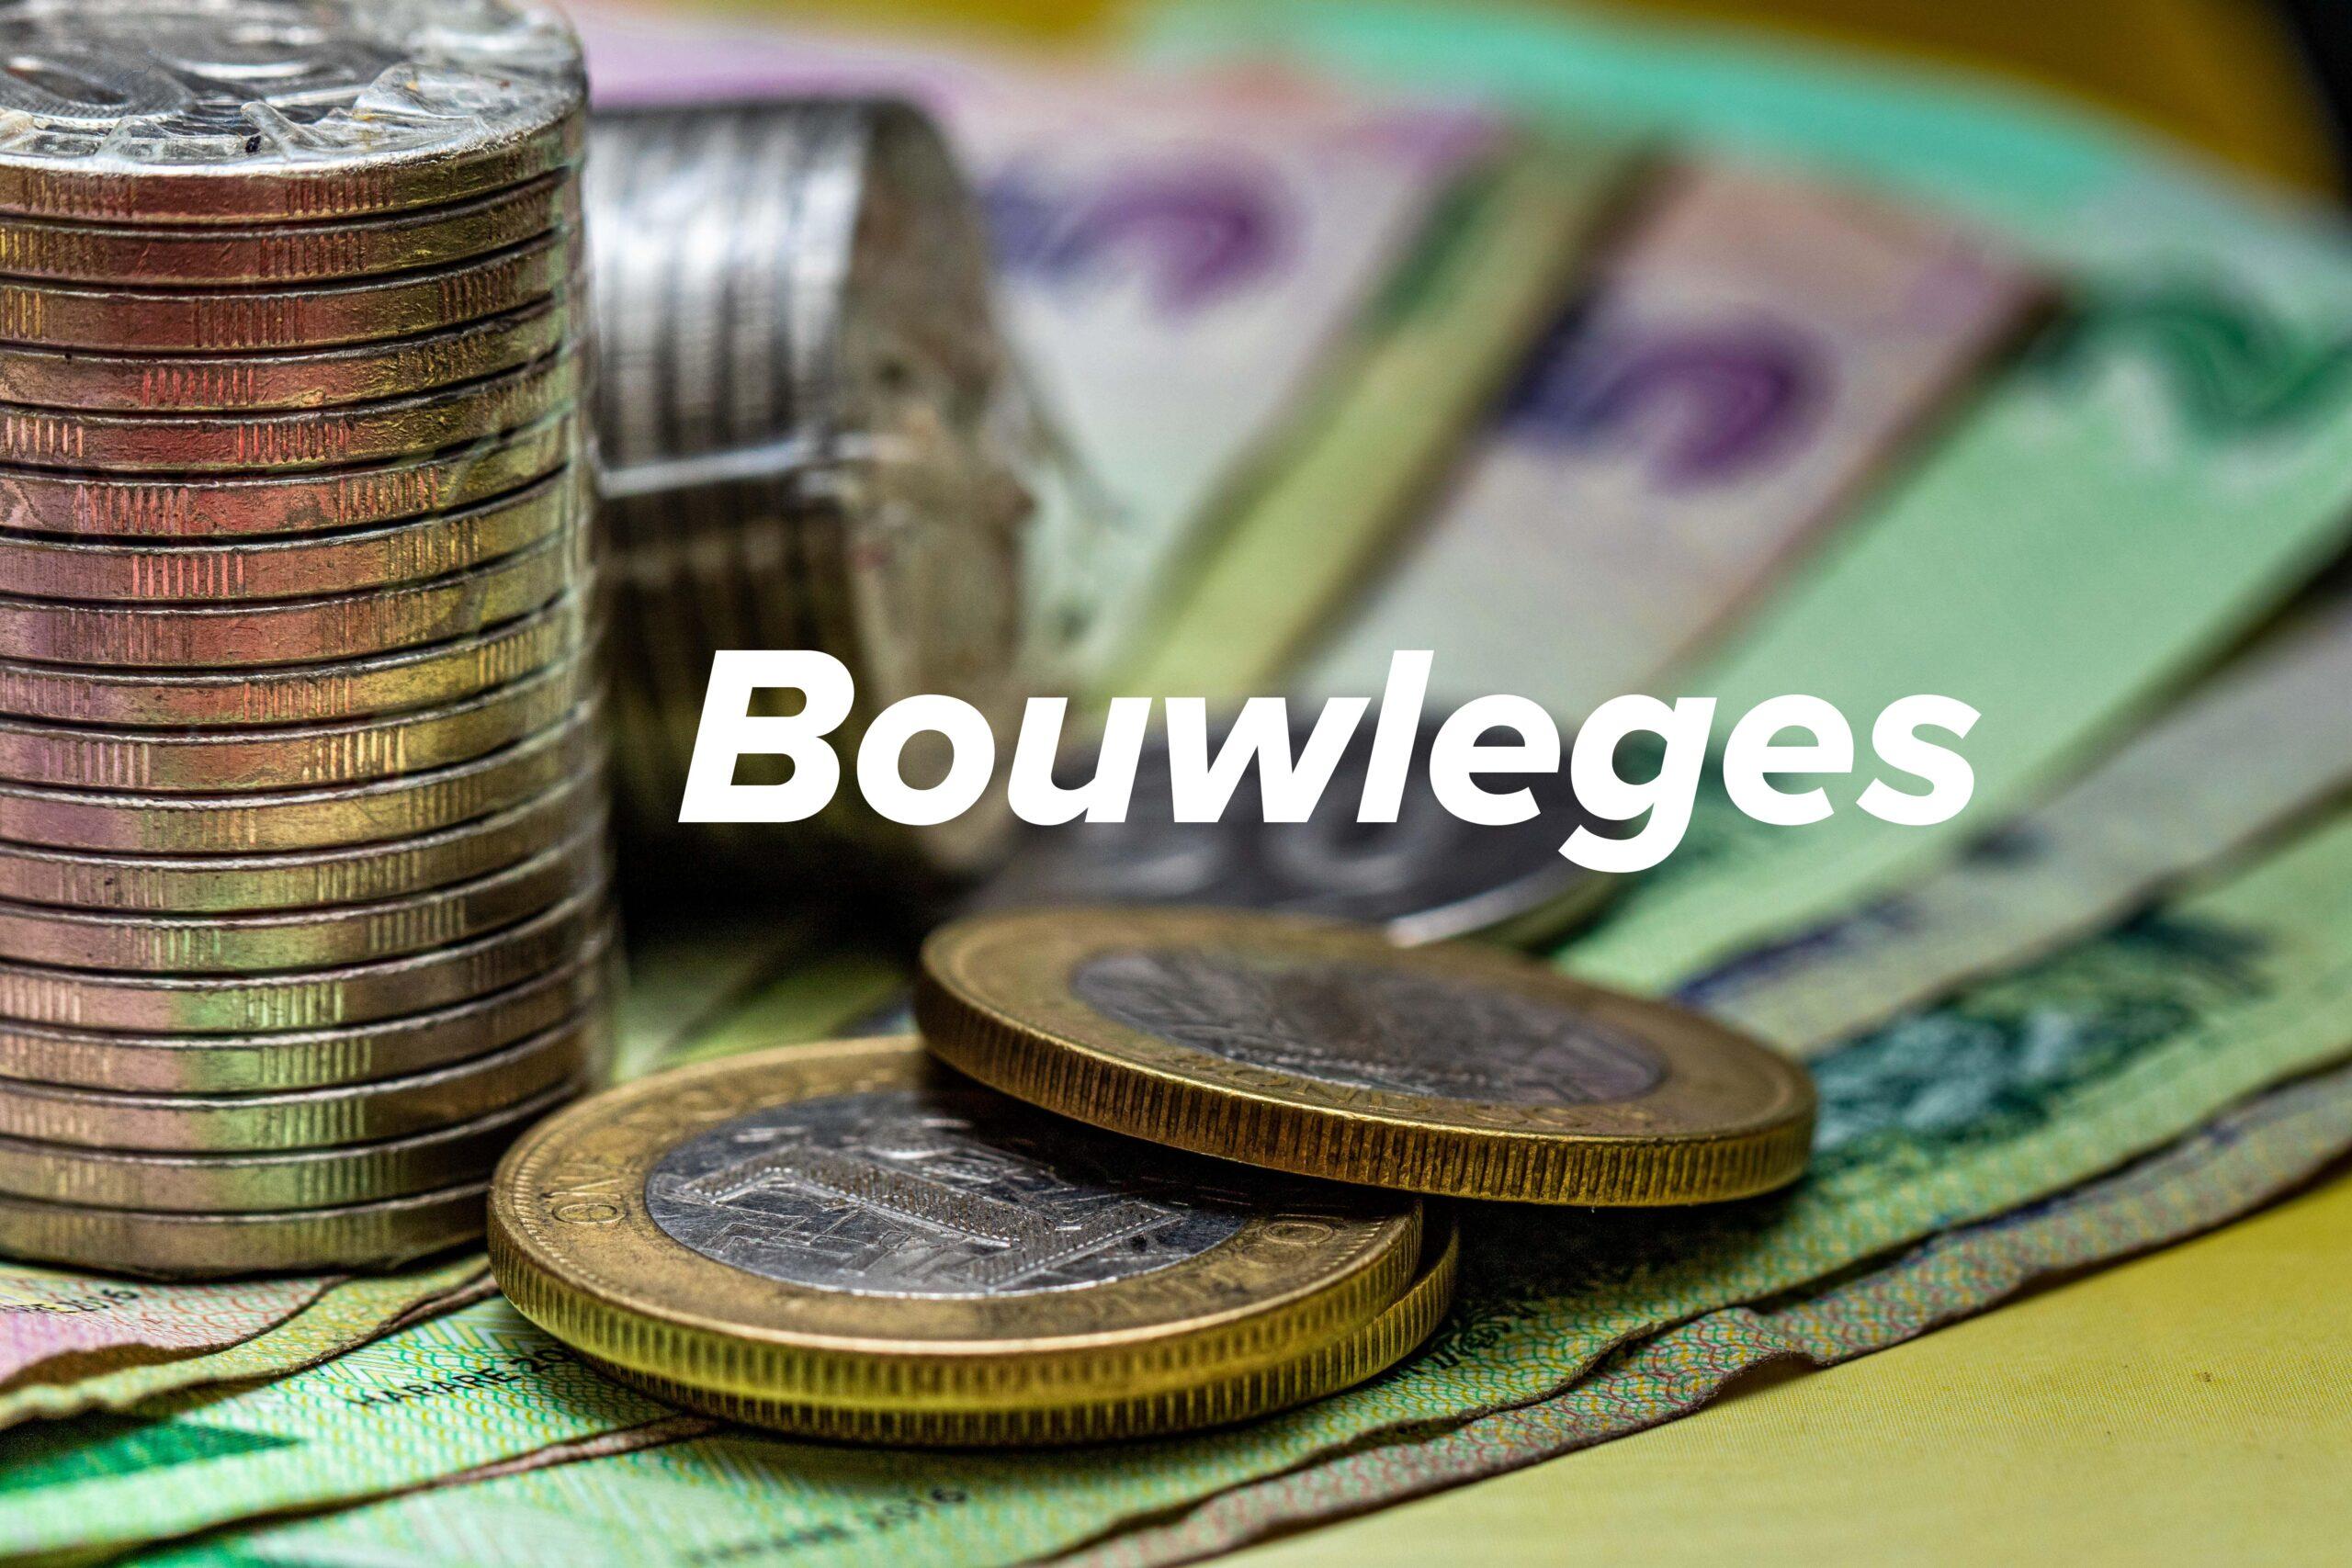 Bouwleges - Arcade Bouw Consult